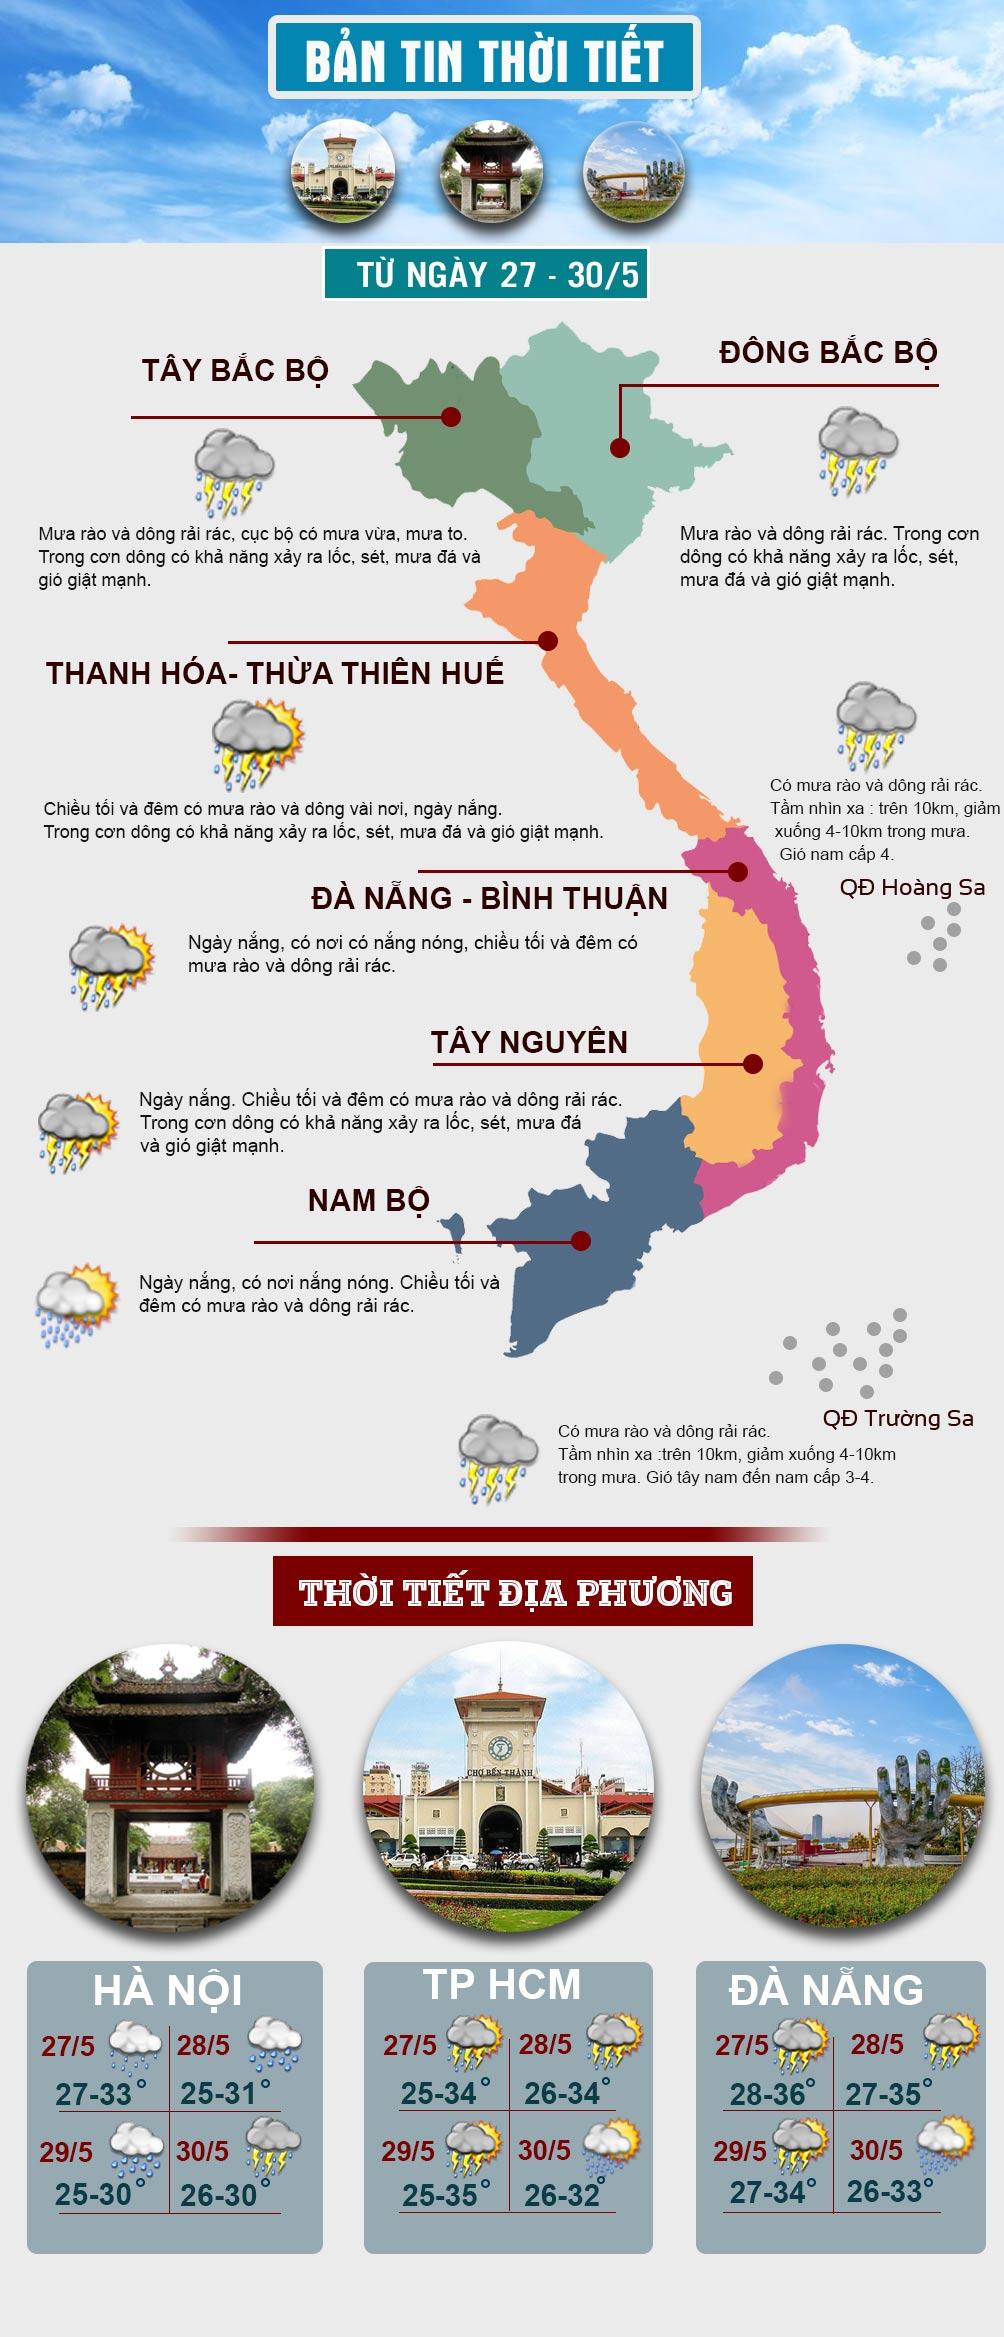 Miền Bắc mưa lớn diện rộng, miền Nam mưa nắng thất thường - 1